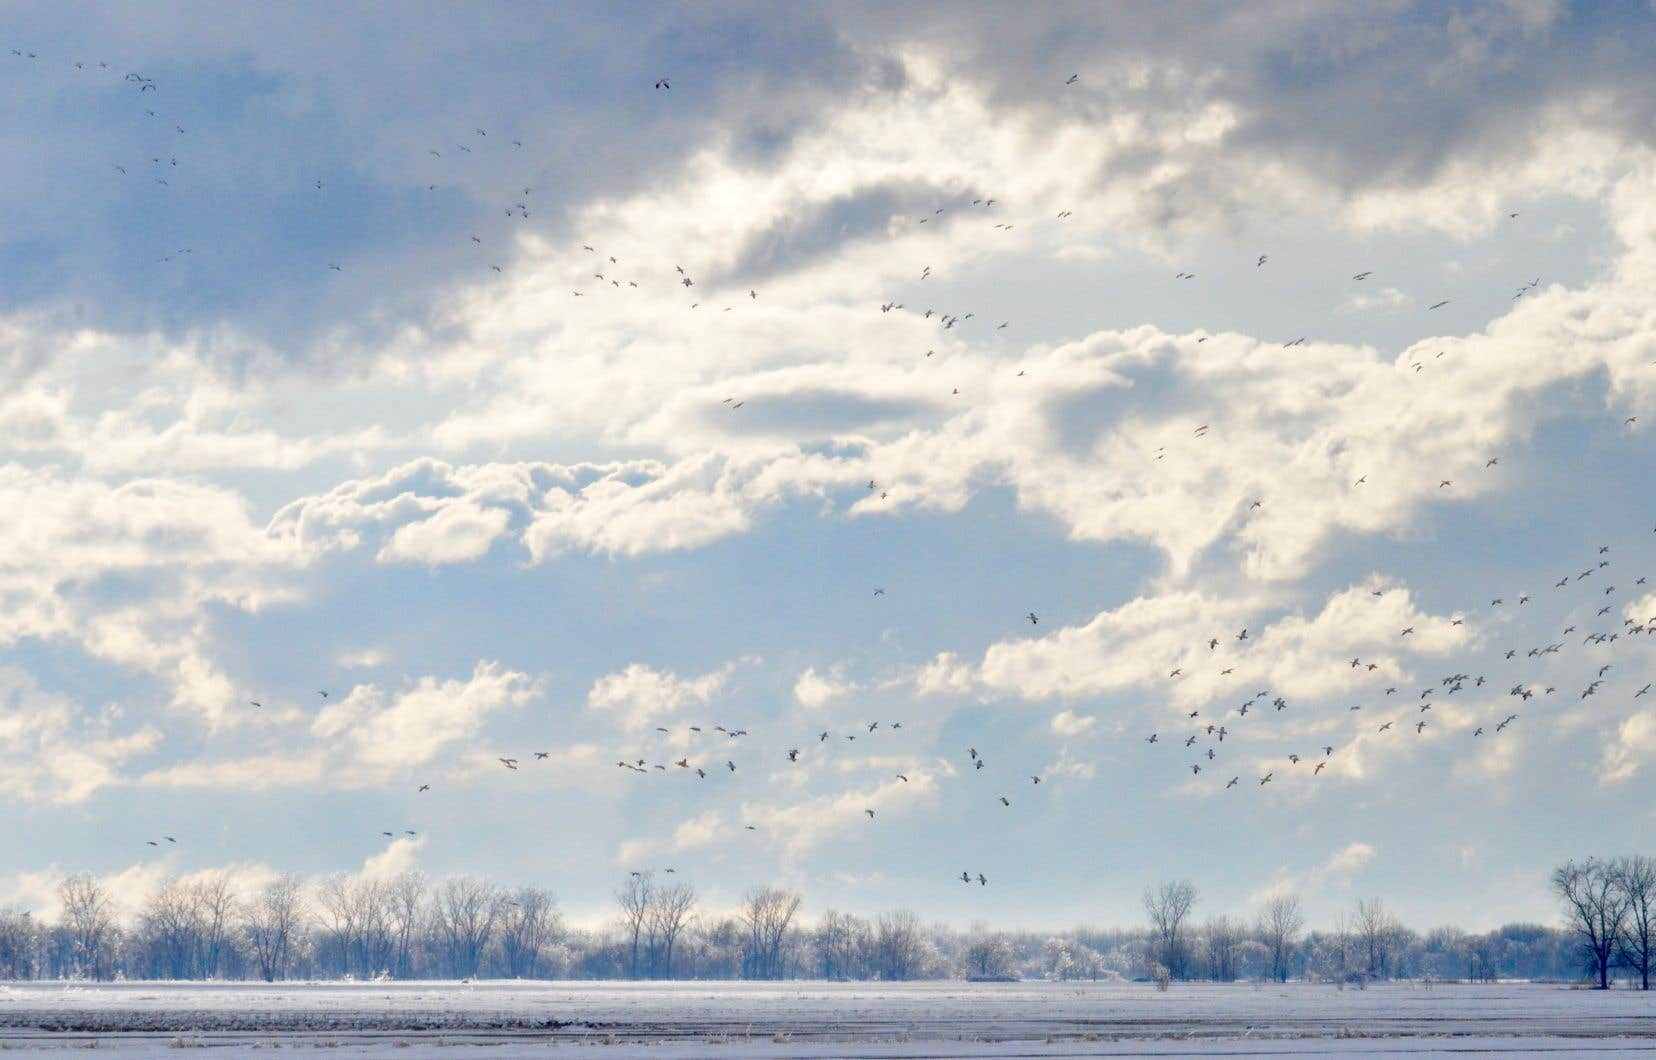 Au printemps, les lieux de repos et d'observation pour la population d'oies des neiges se concentrent dans les aires de pâturage situées sur les terres agricoles bordant le Saint-Laurent.